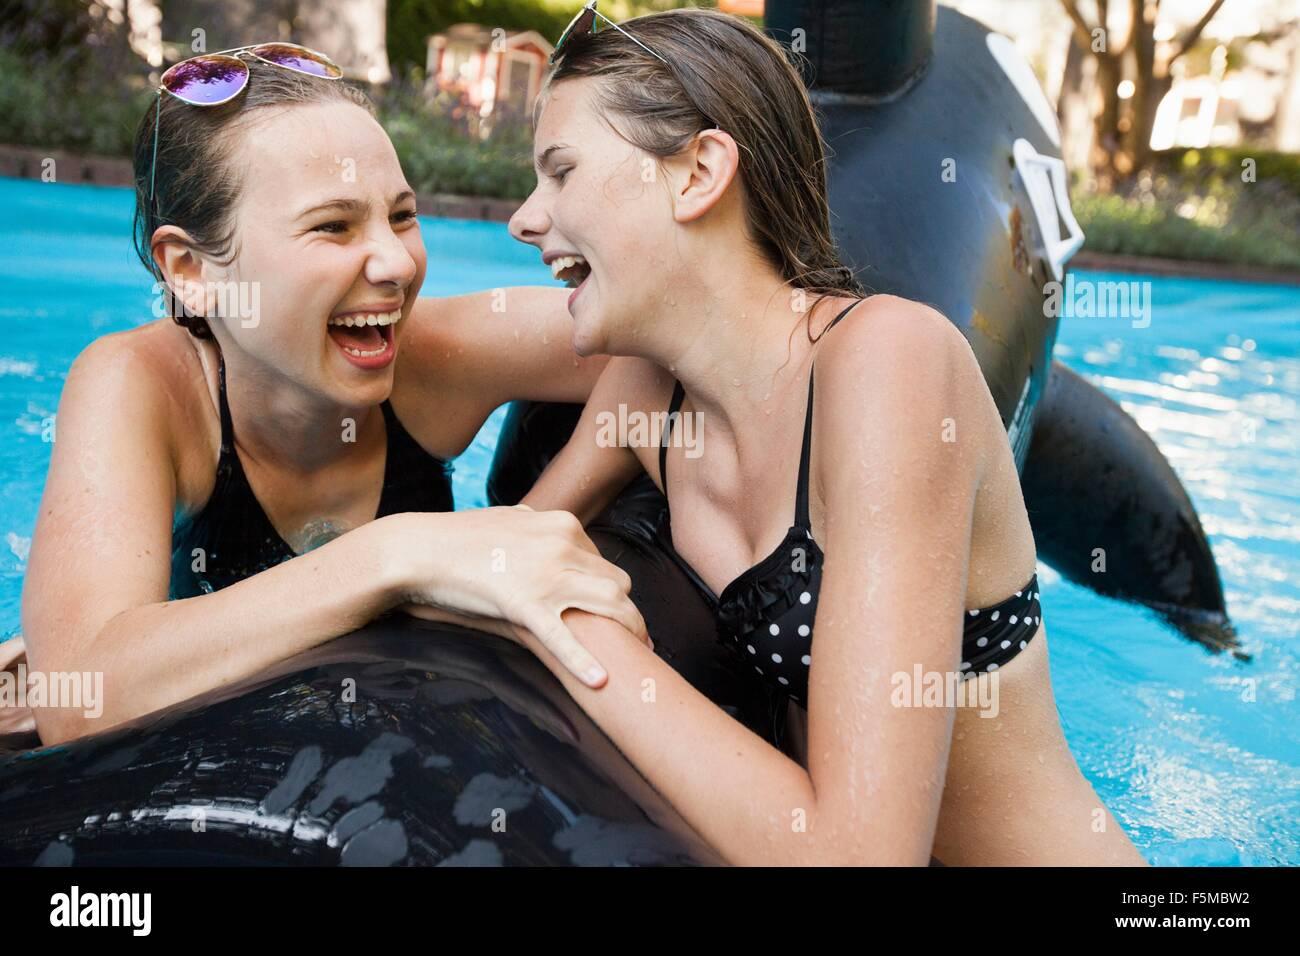 Deux adolescentes se tenant à pêcher dans une piscine gonflable Banque D'Images